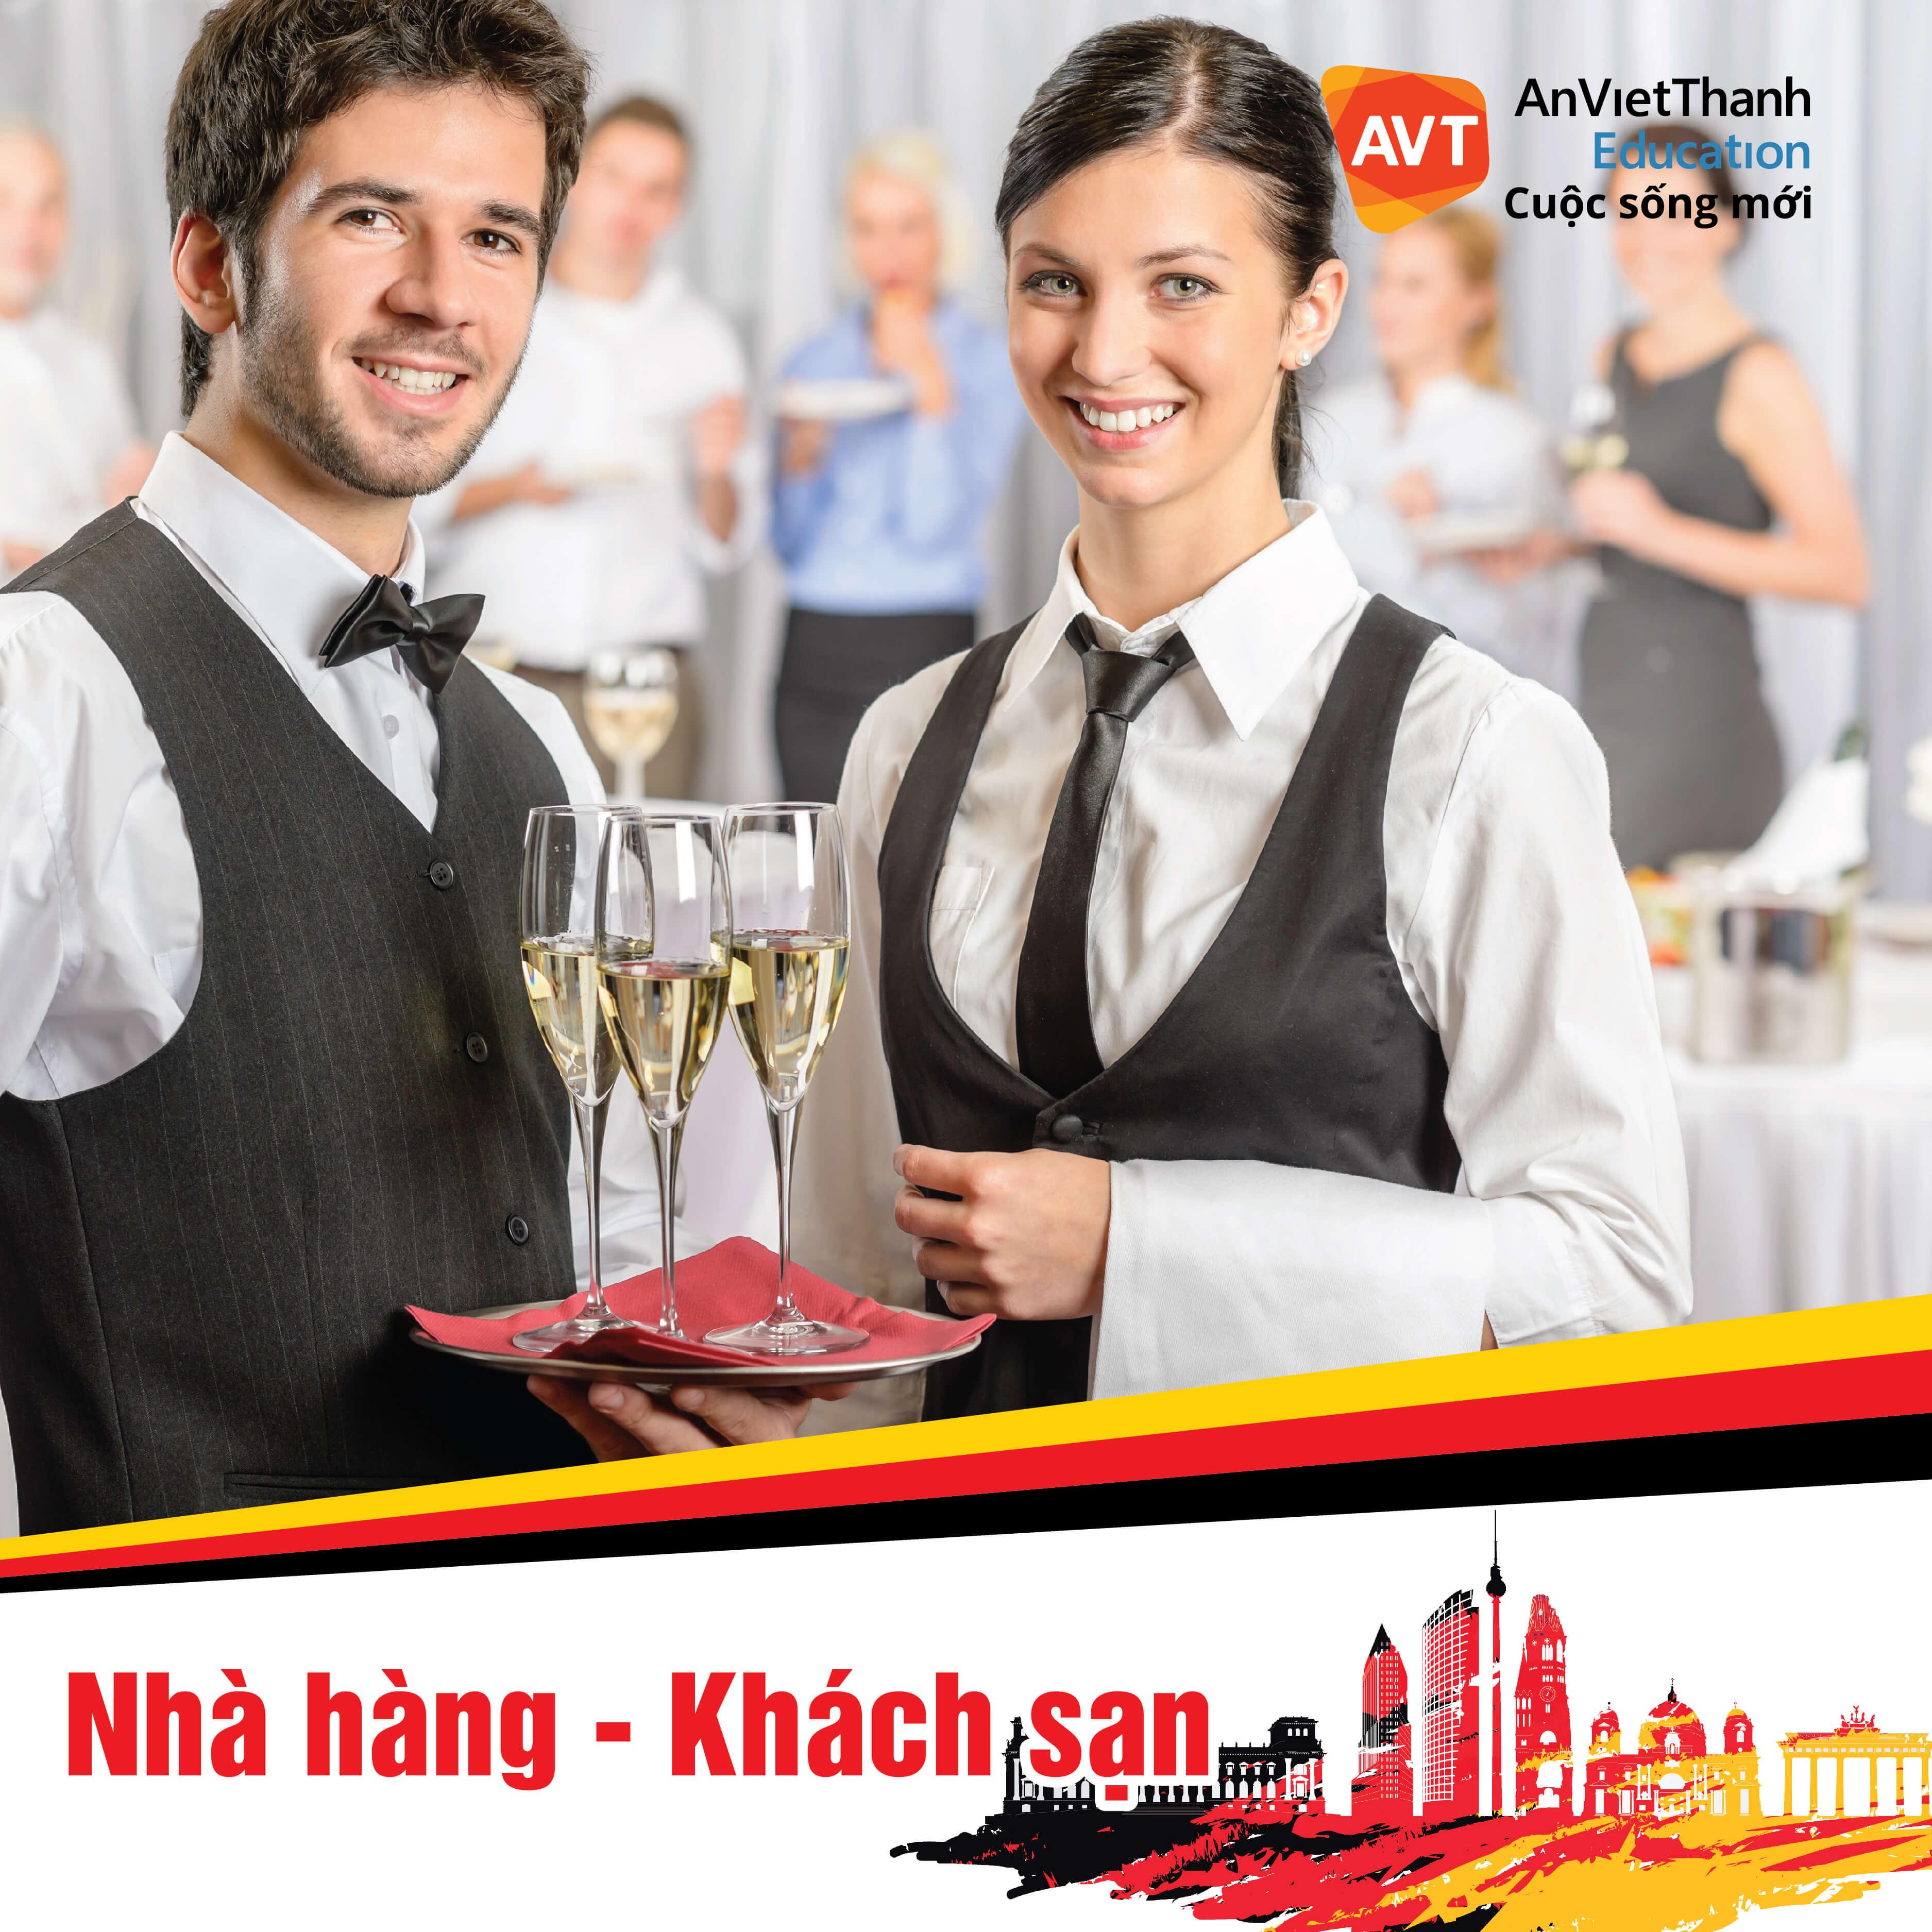 Nhà hàng - Khách sạn là ngành đứng thứ 2.